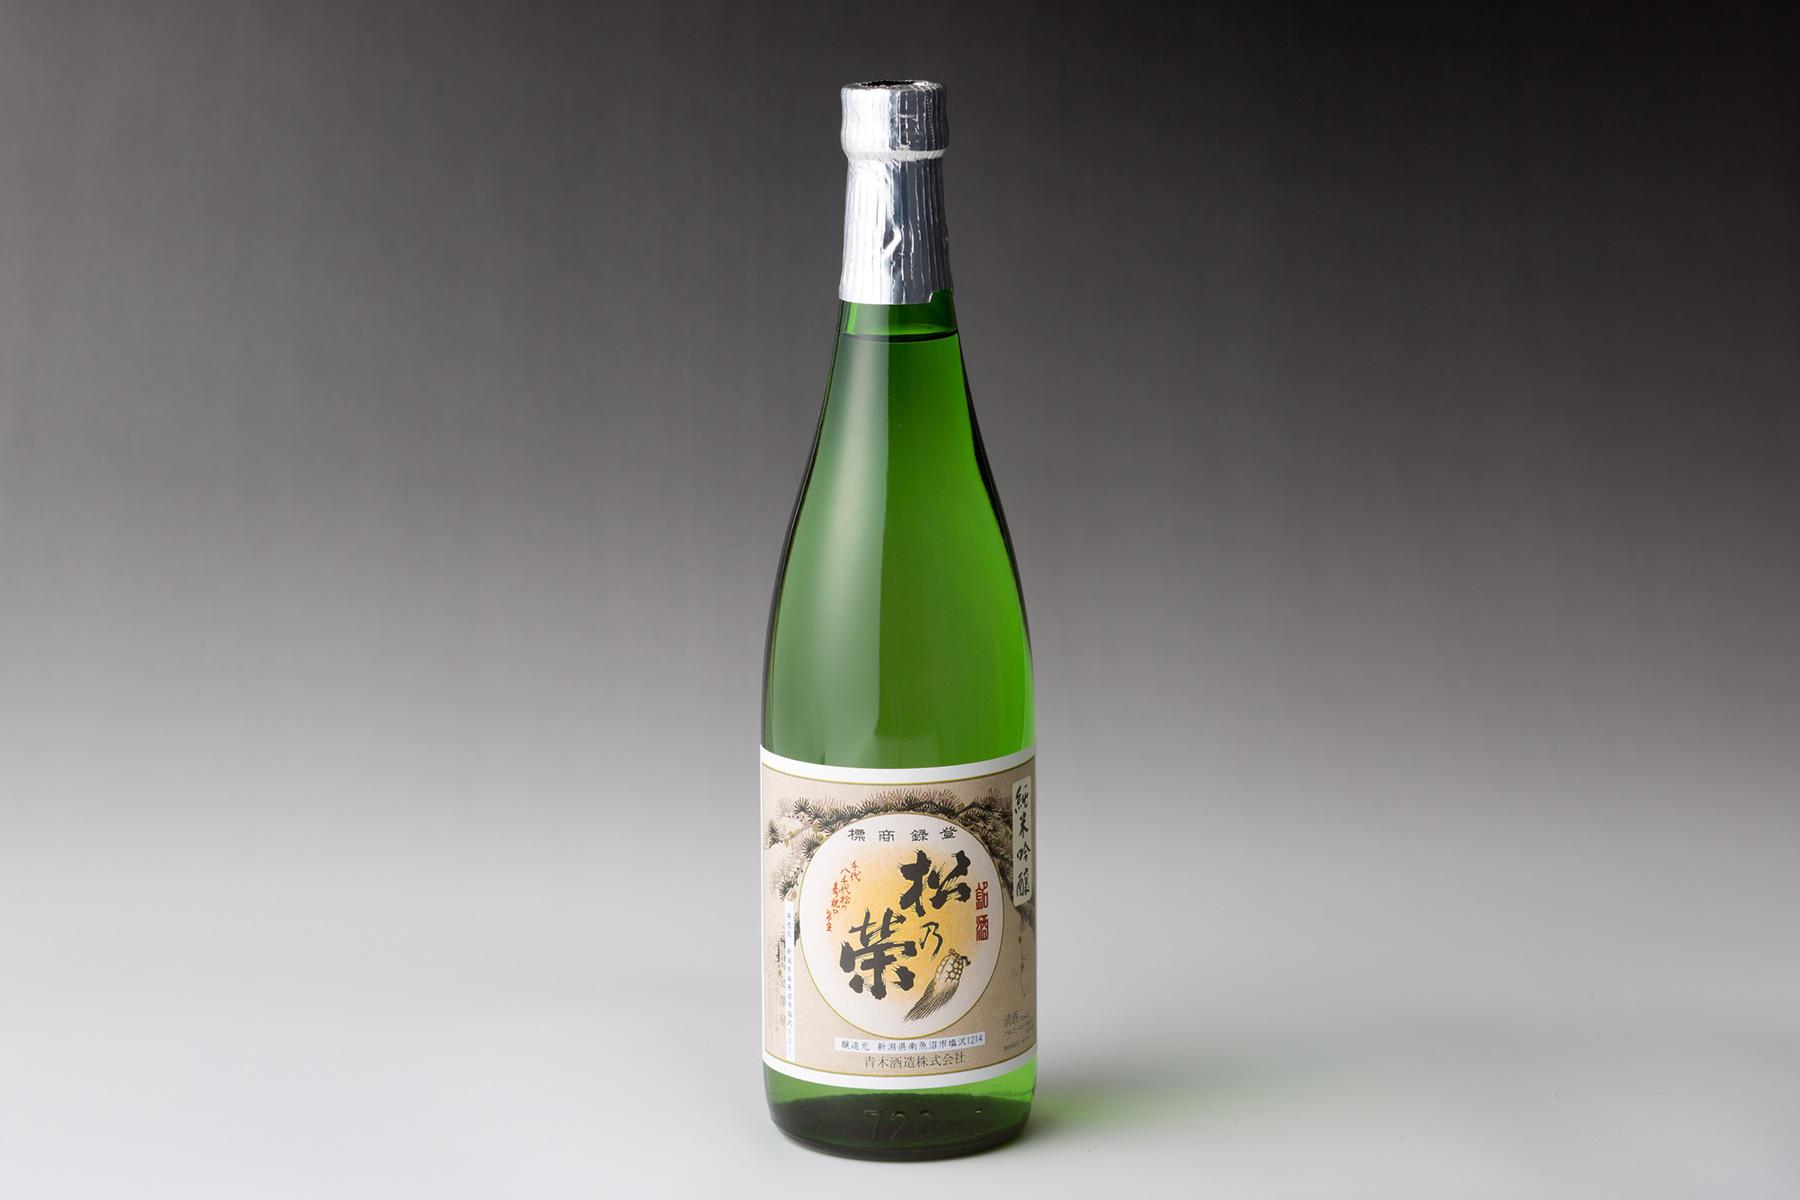 純米吟醸 松乃栄